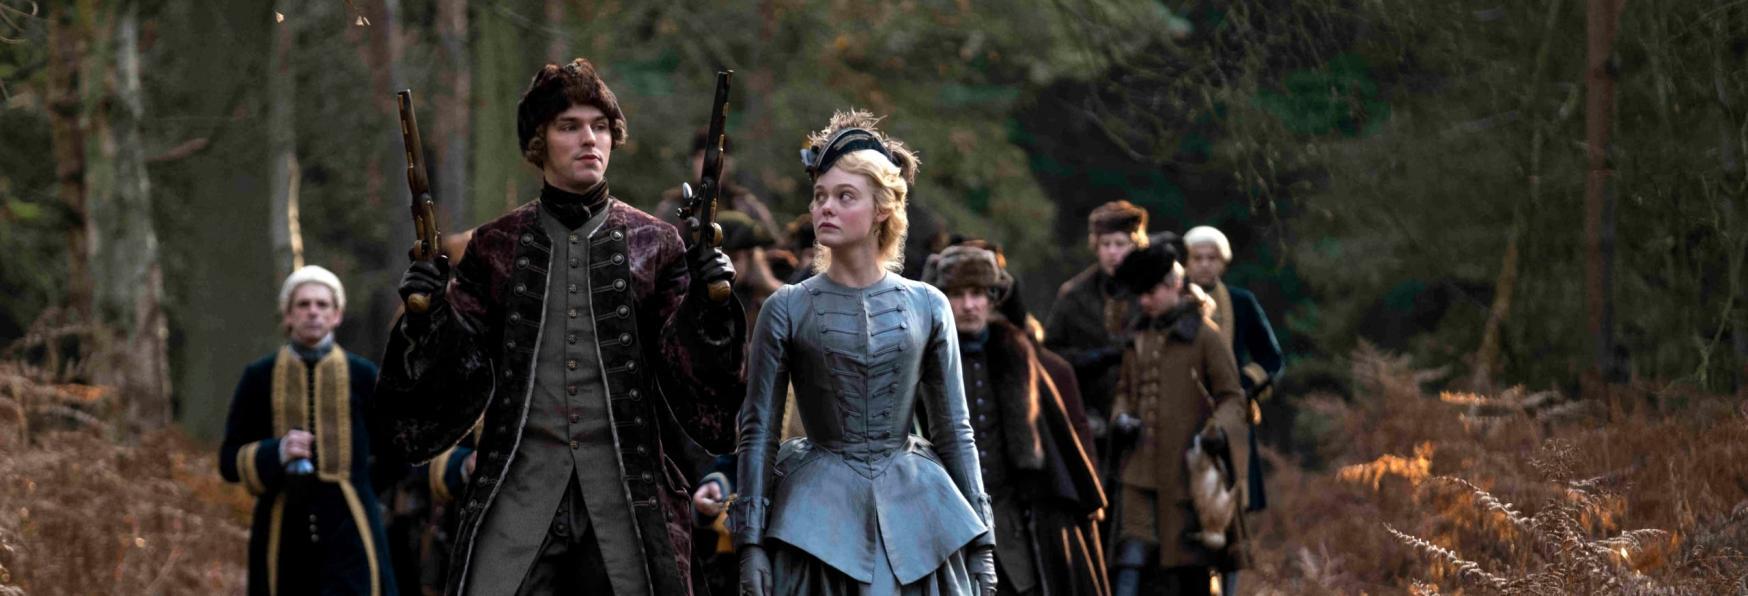 The Great: la Recensione del primo Episodio della nuova Serie TV su Caterina la Grande